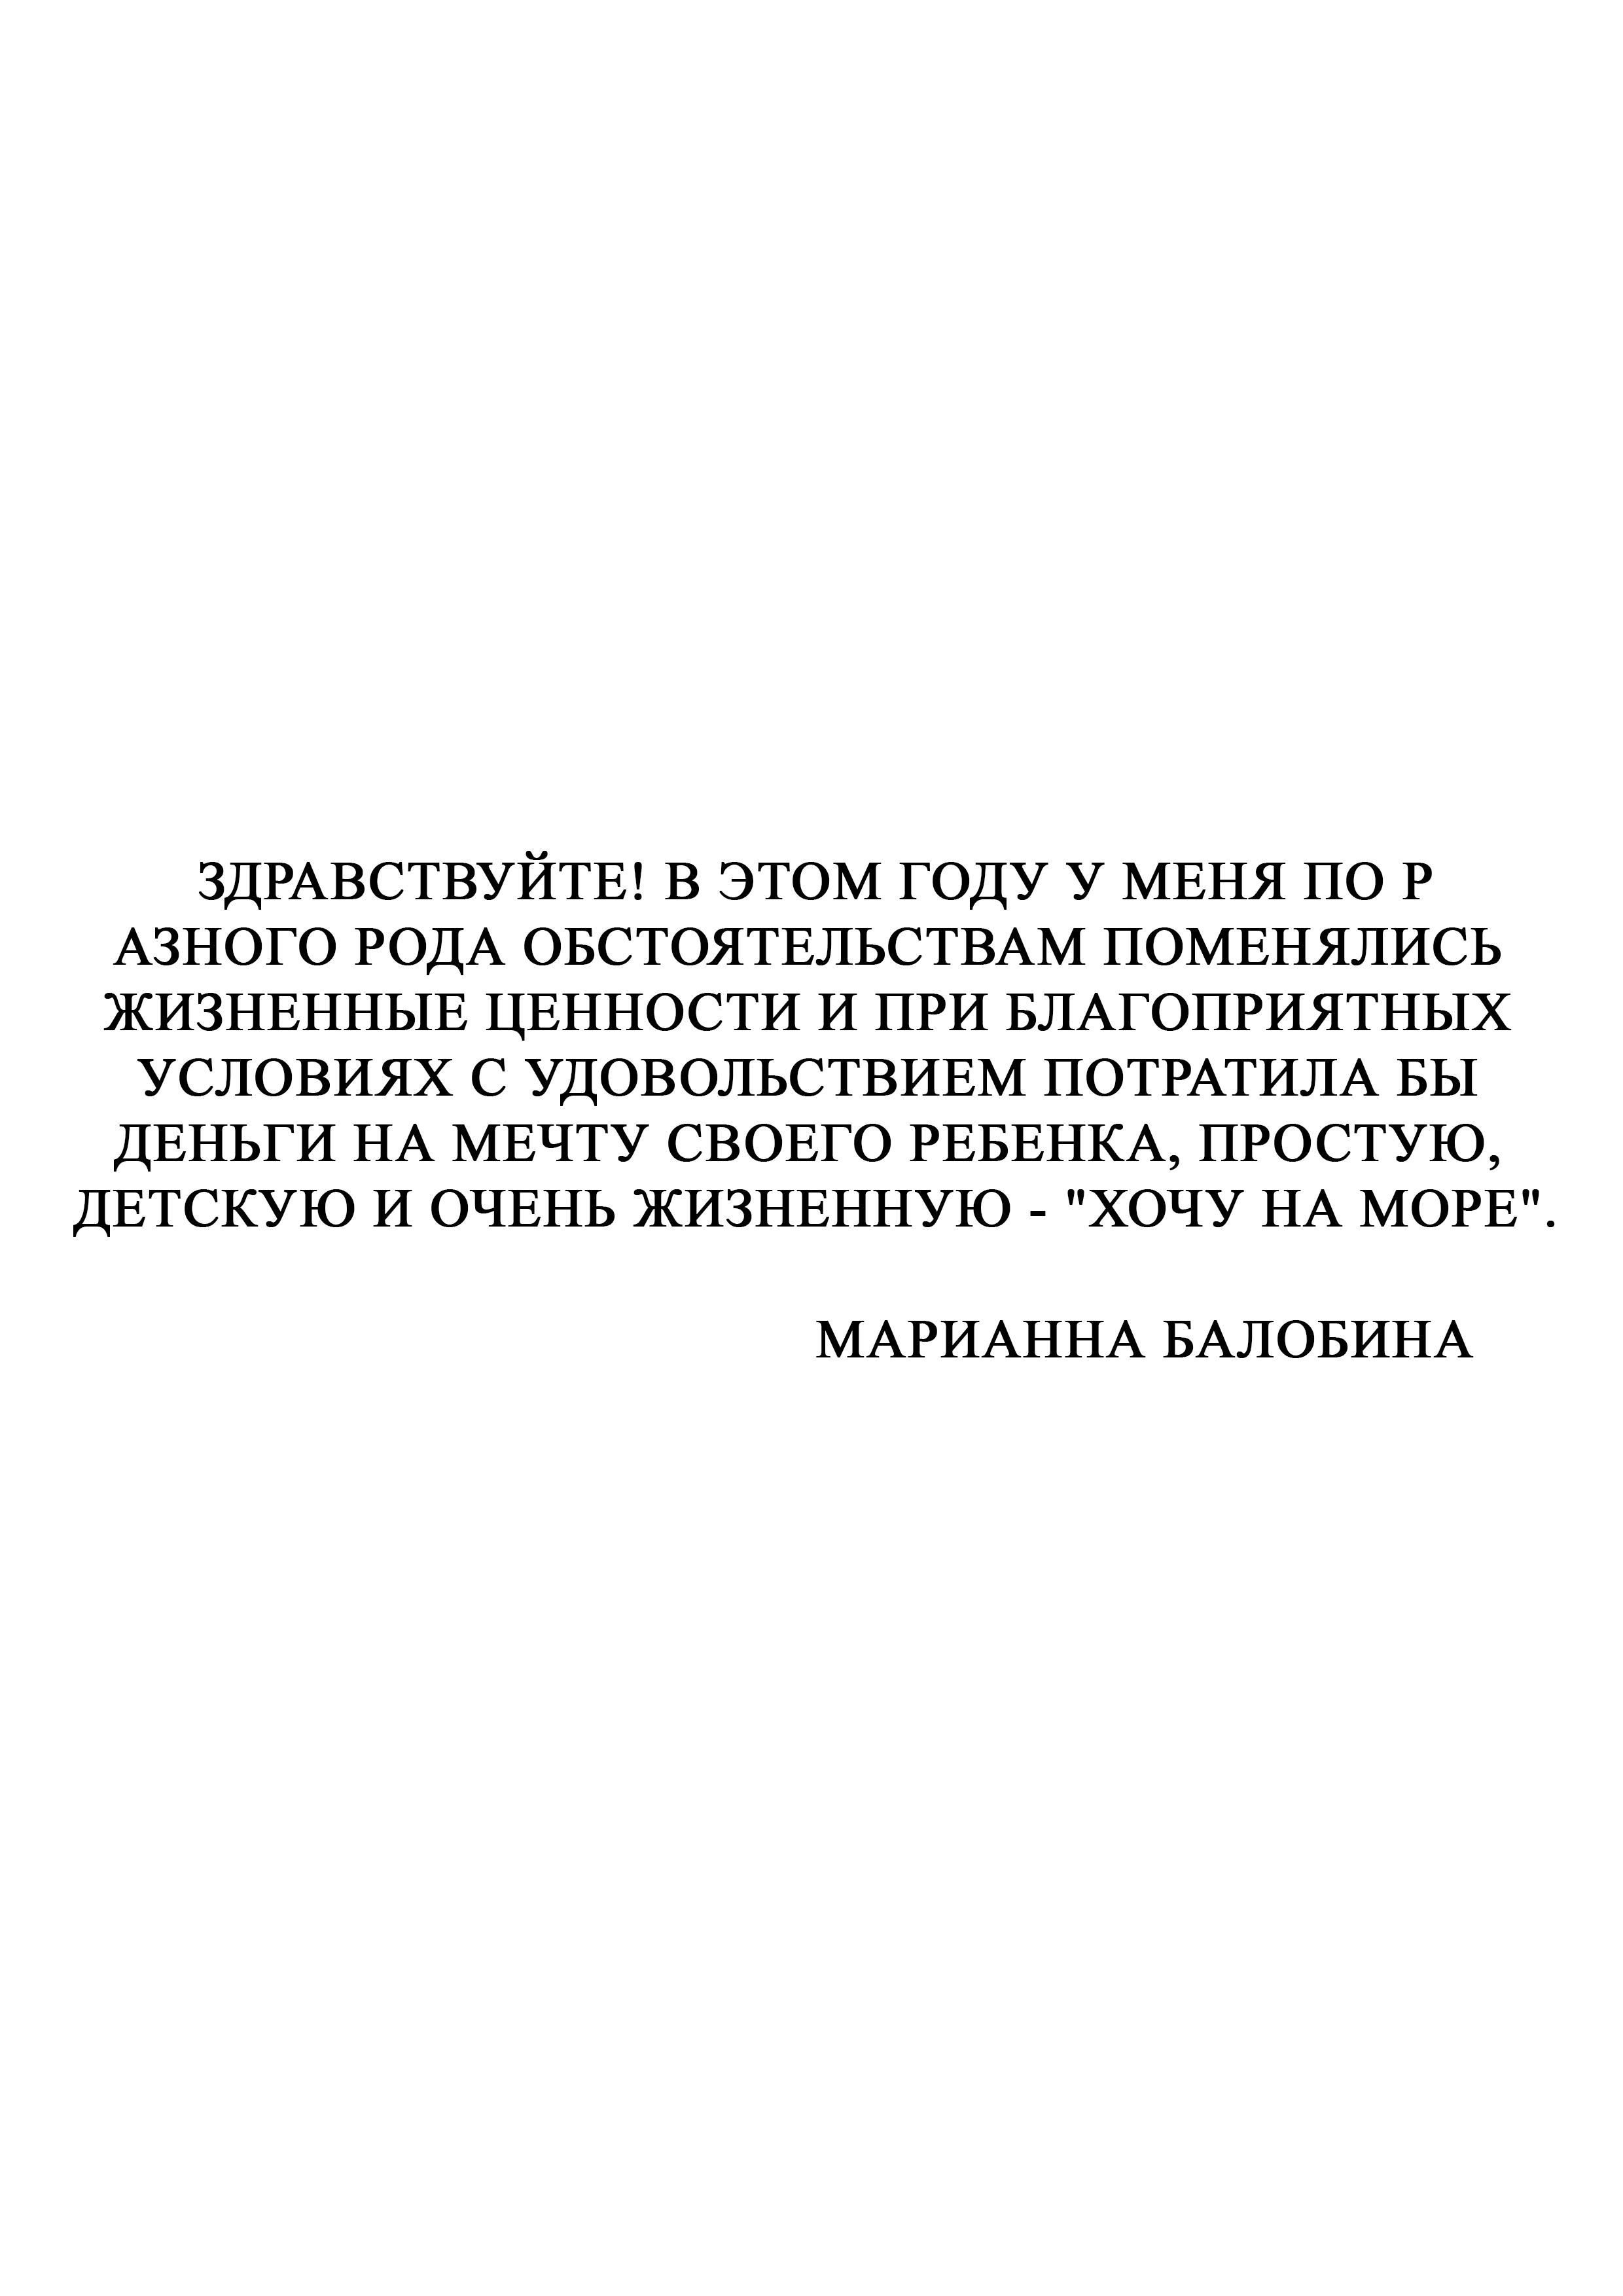 Марианна Балобина